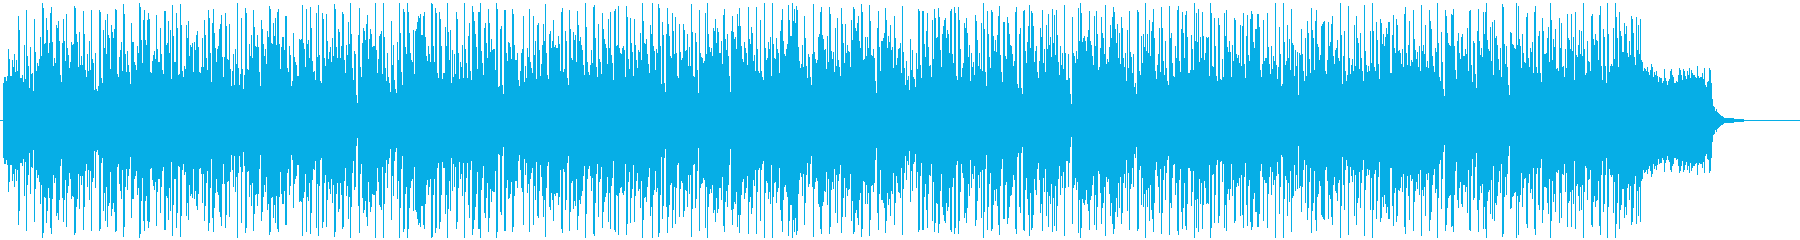 スピーディでダンサブルなBGMの再生済みの波形